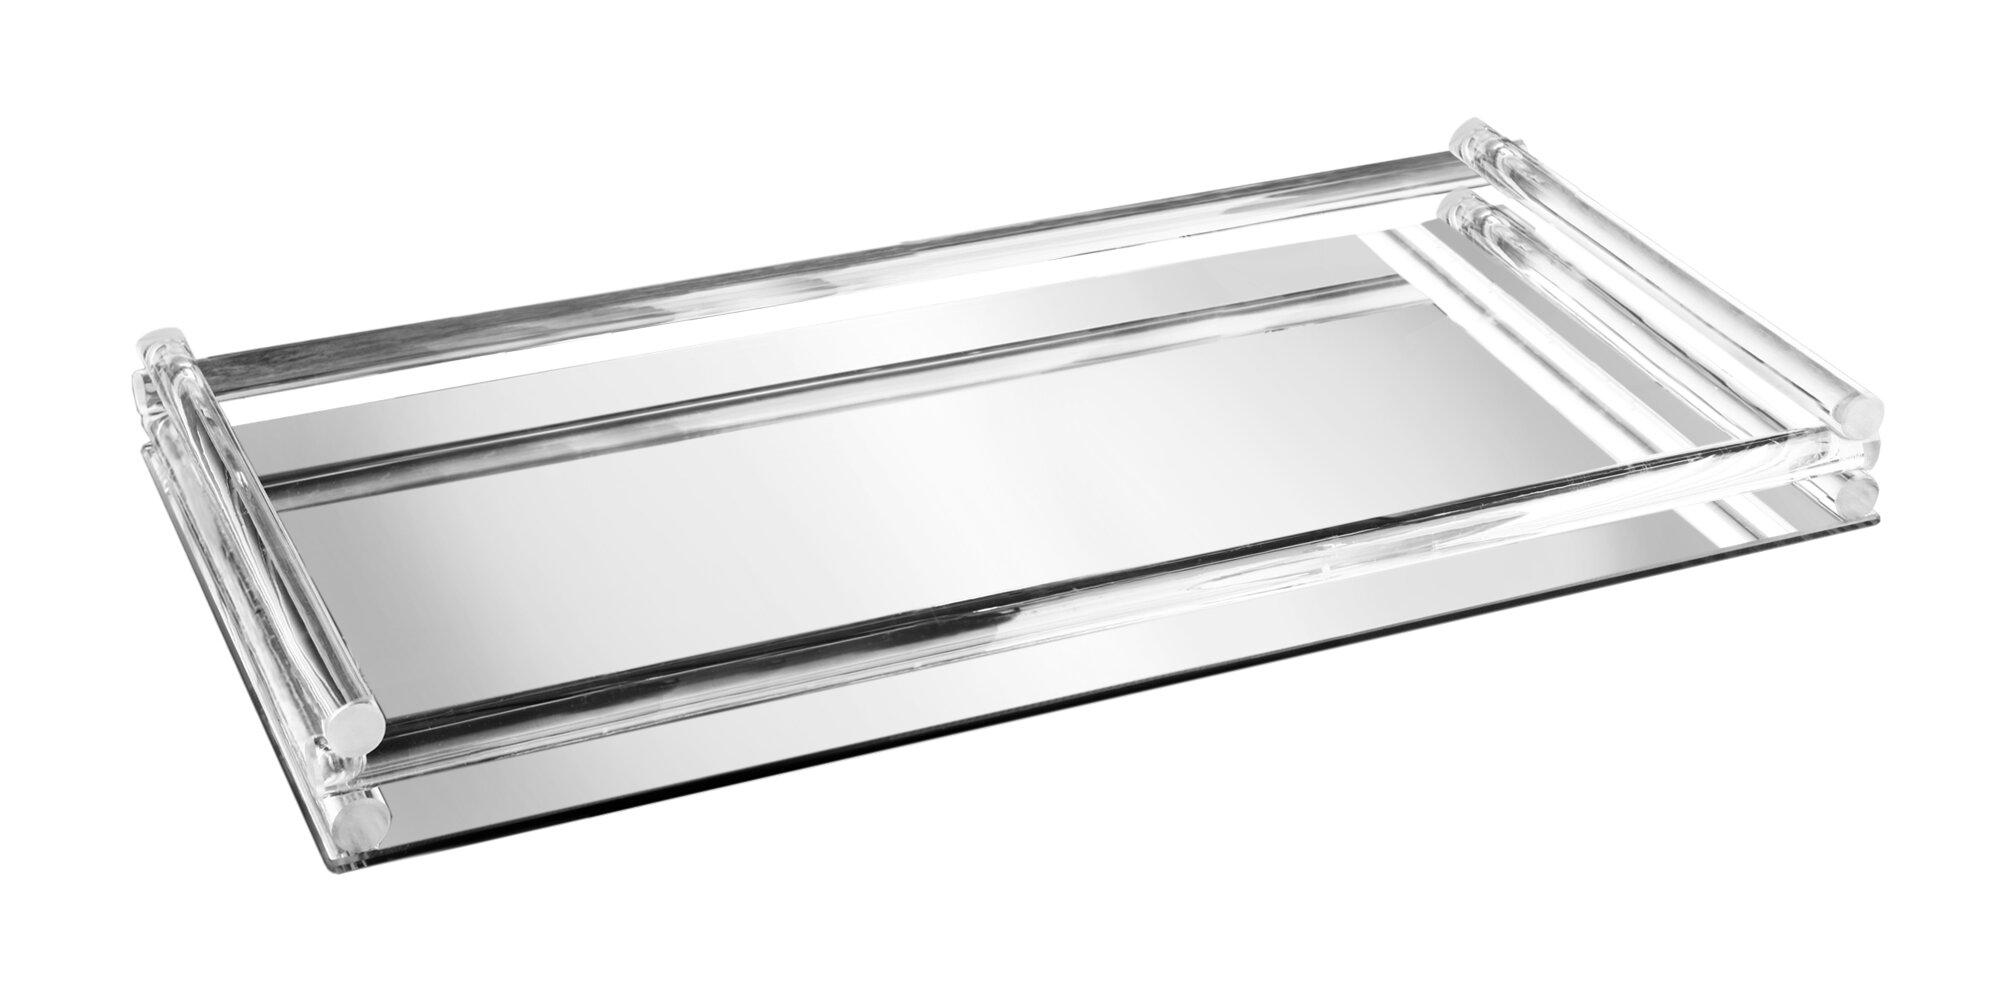 Mercer41 Mirror Vanity Tray Reviews Wayfair